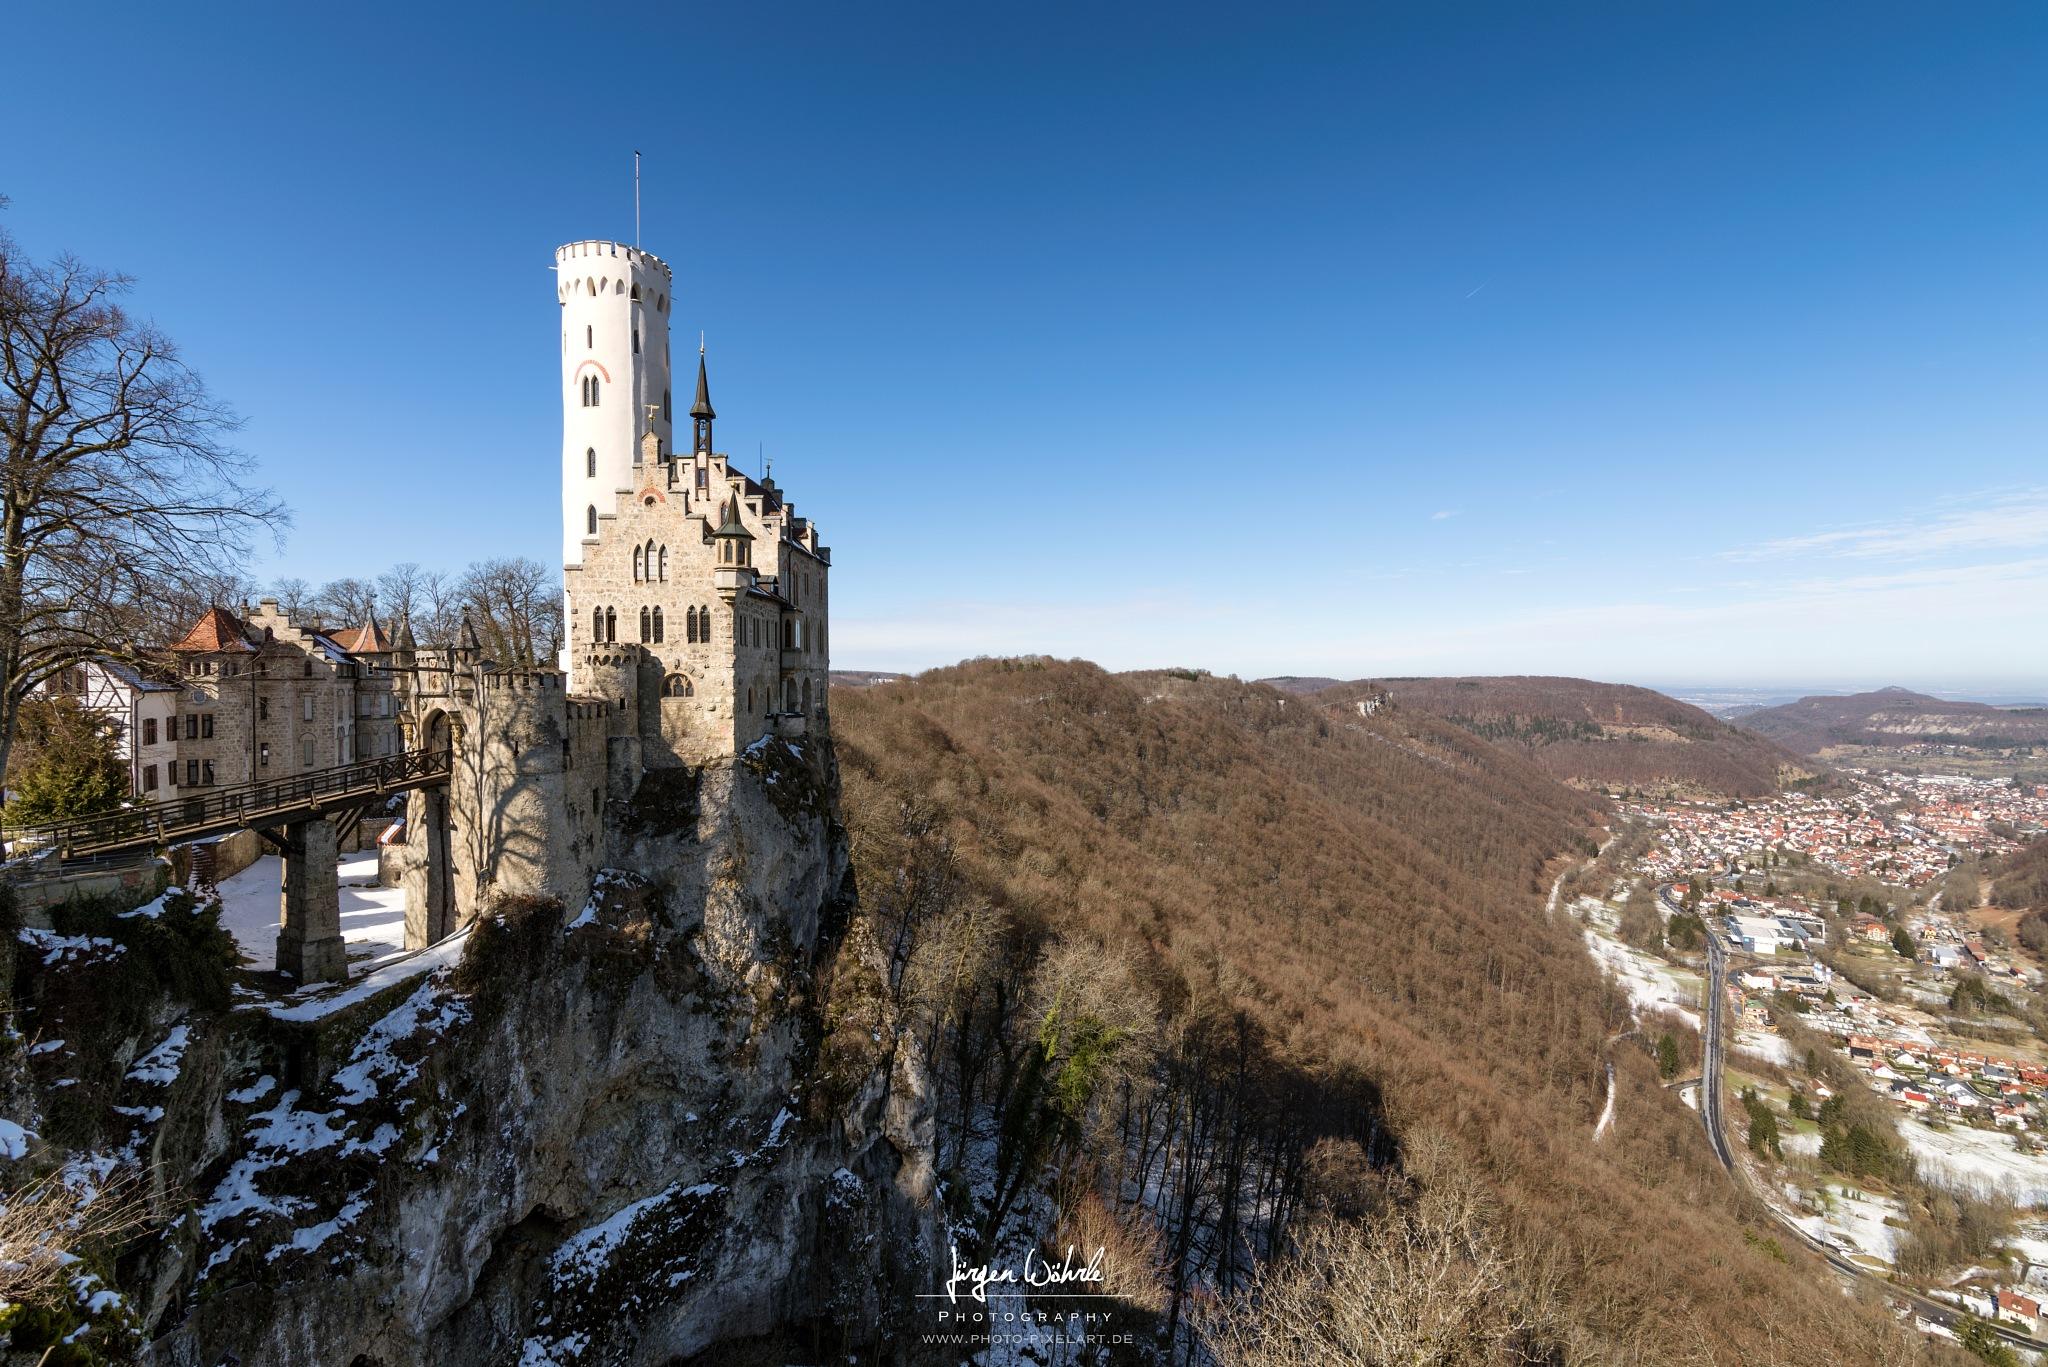 Castle Lichtenstein by Jürgen Wöhrle by Photo-Pixelart